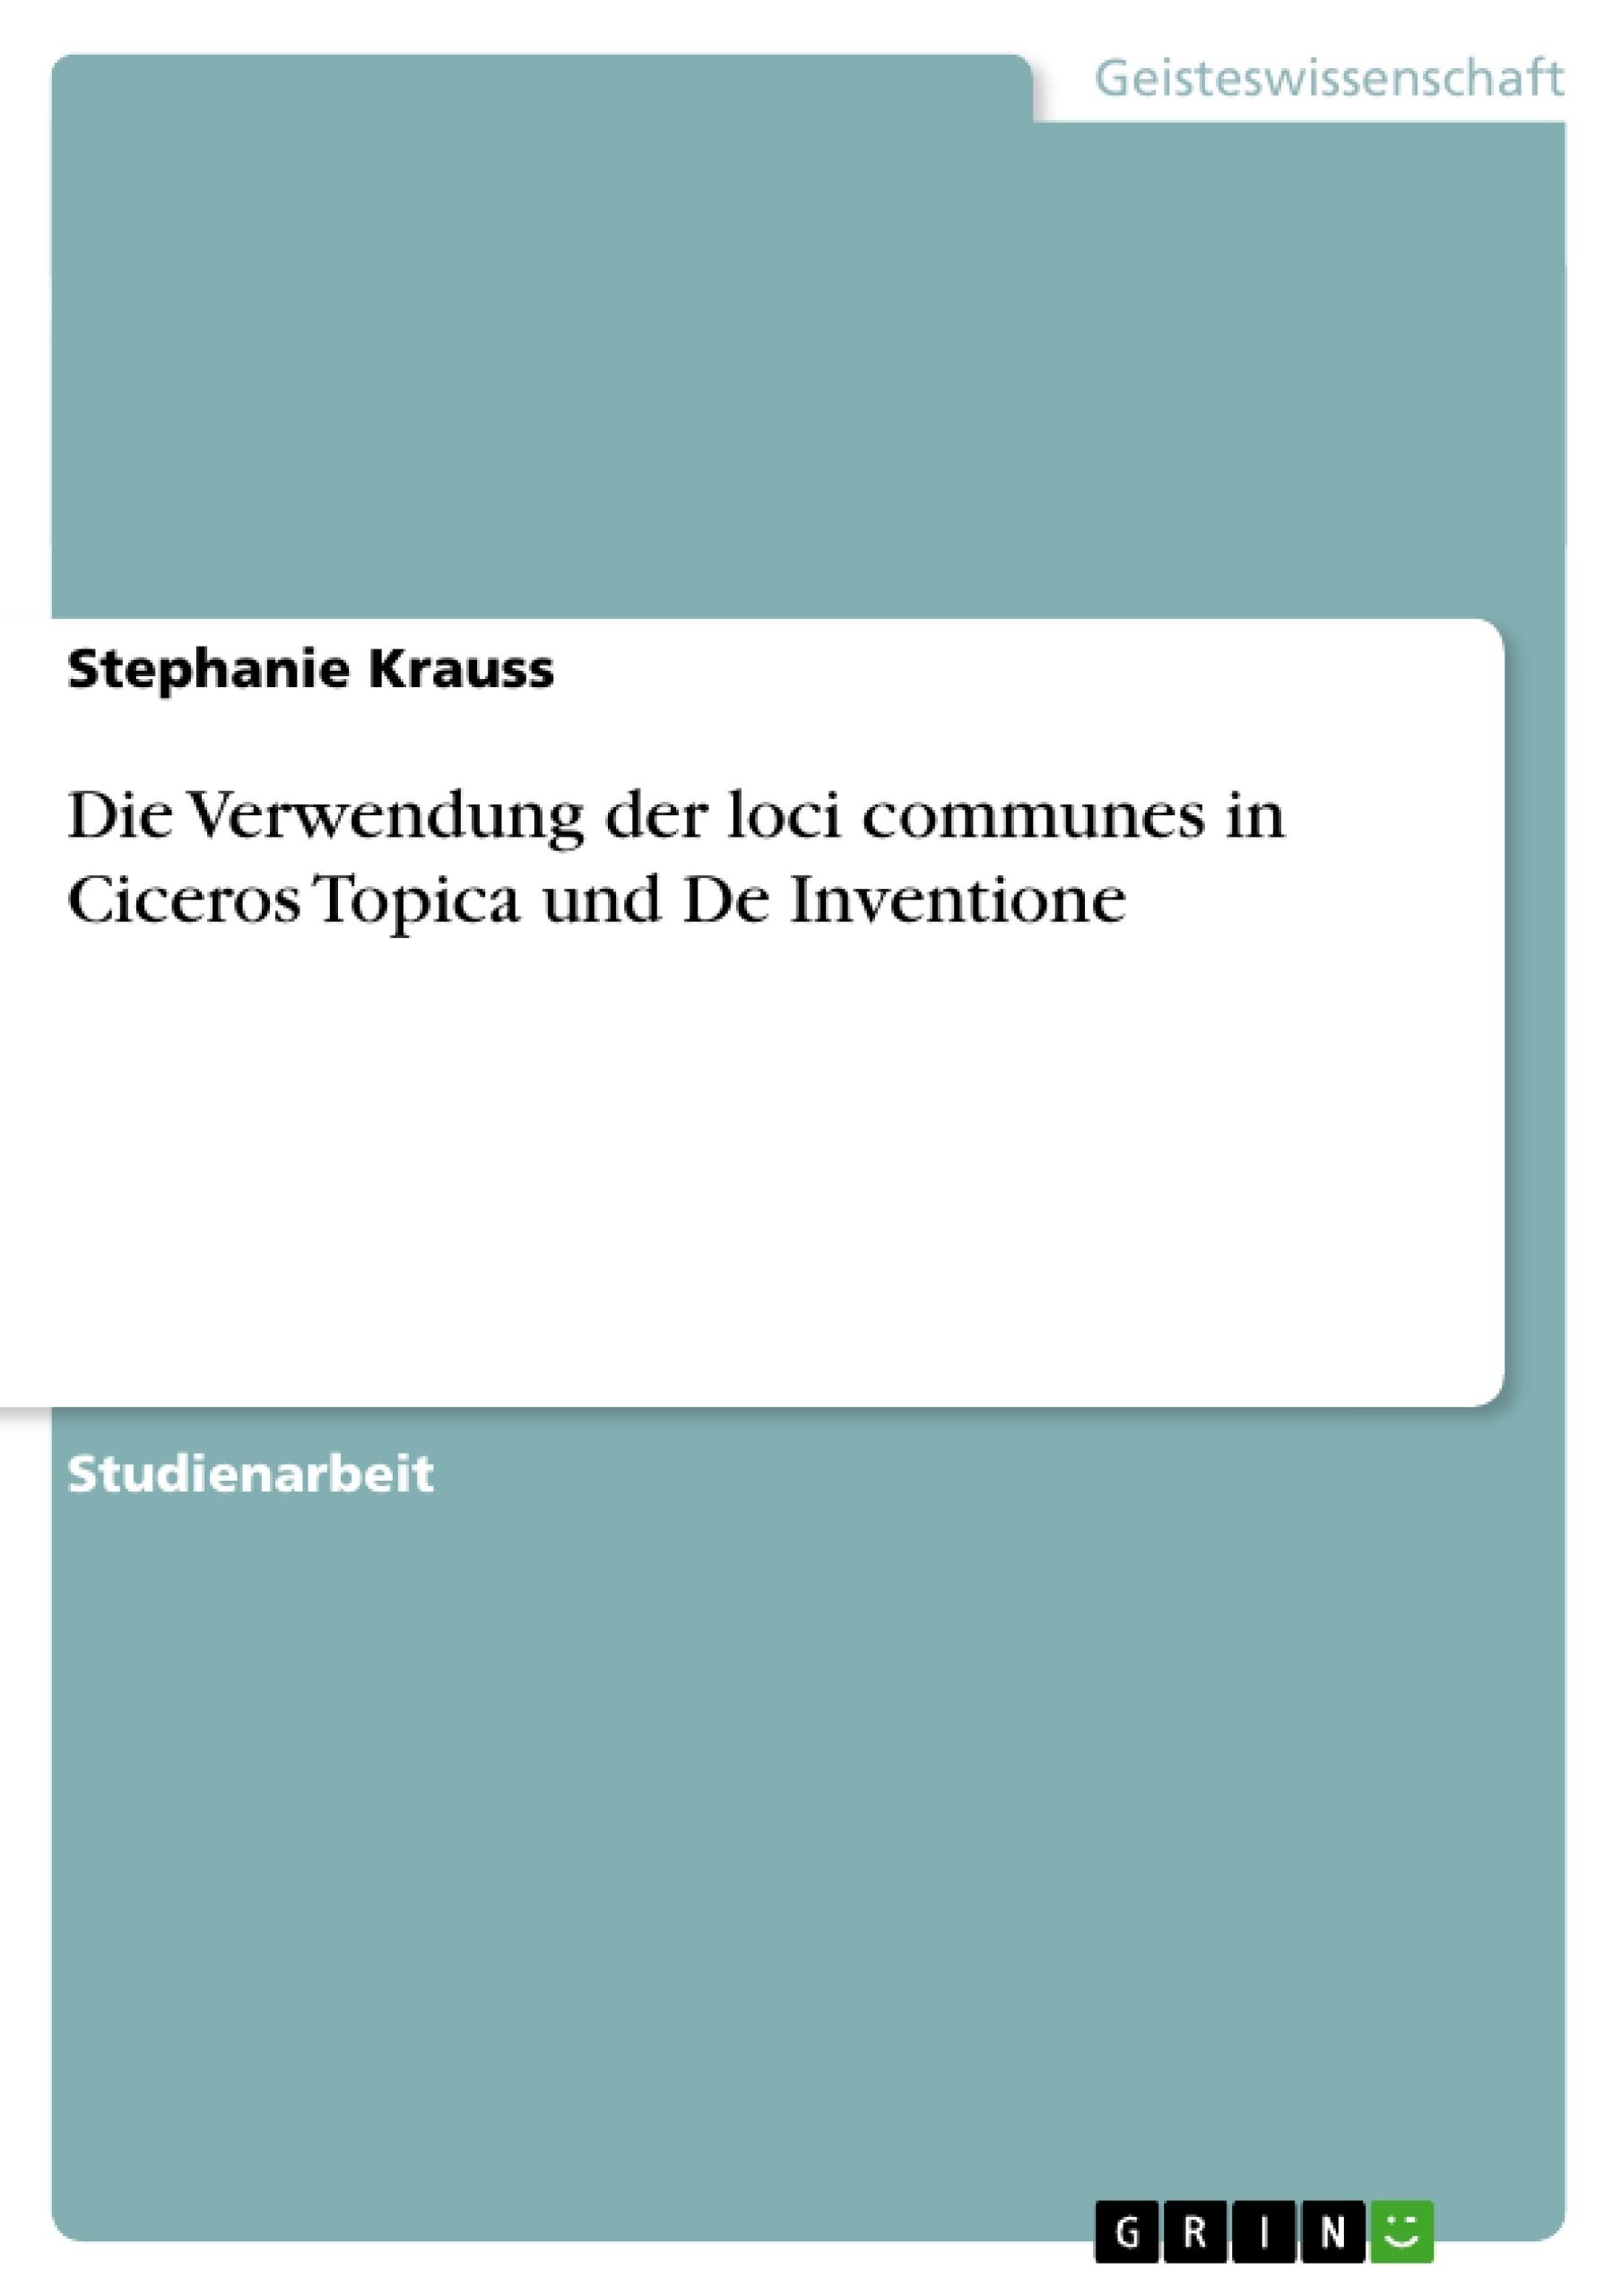 Titel: Die Verwendung der loci communes in Ciceros Topica und De Inventione